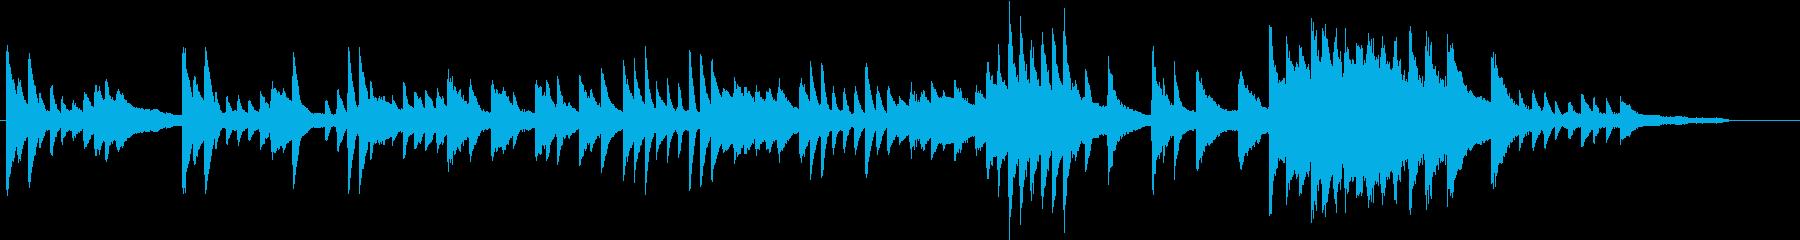 ゴッホの名画をイメージしたピアノジングルの再生済みの波形